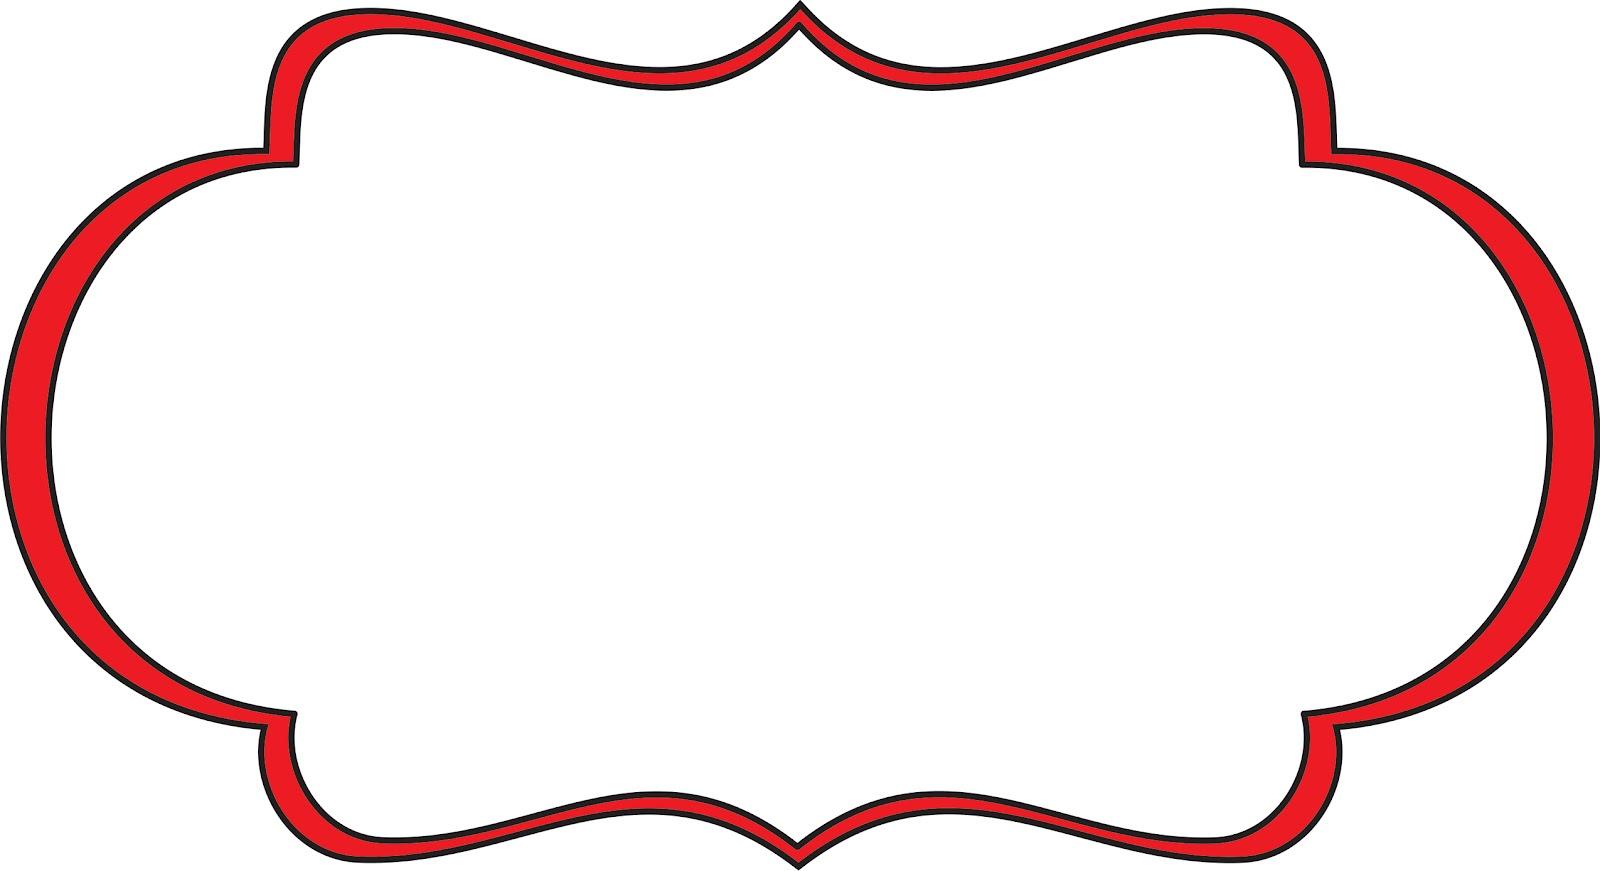 Cliparts border vector transparent download Border clipart on clip art floral border and border - Clipartix vector transparent download